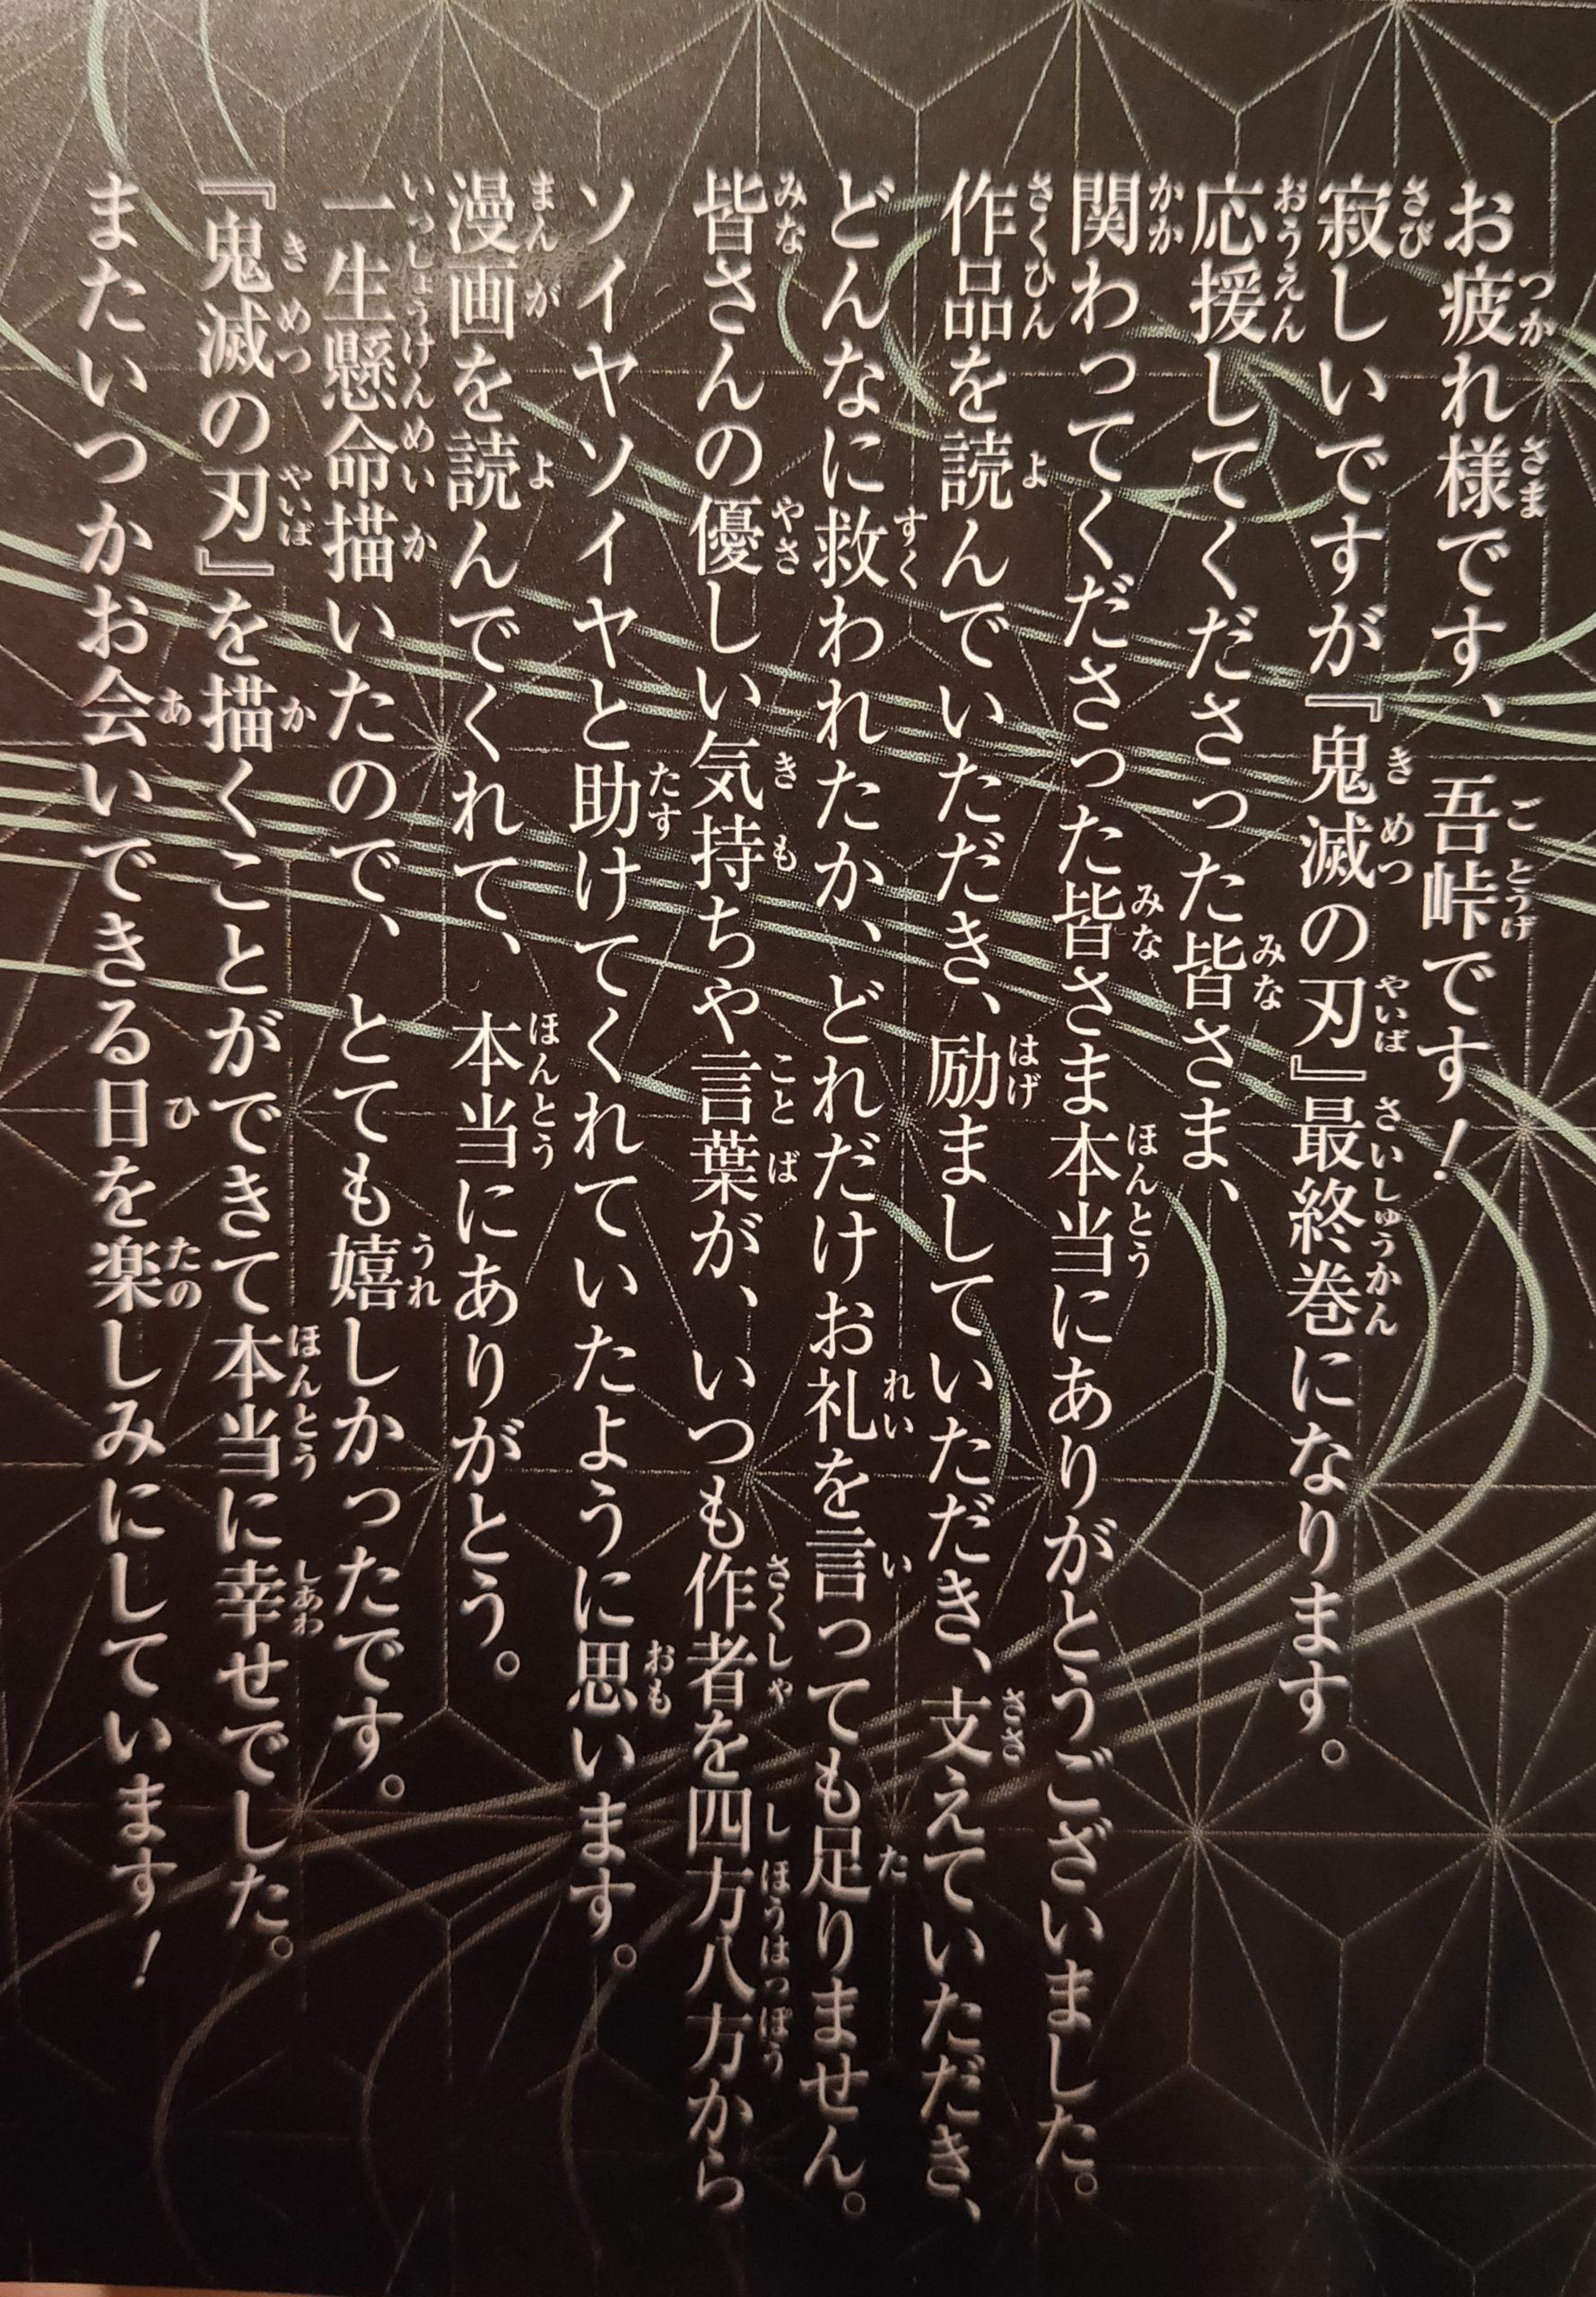 鬼滅の刃 23巻 吾峠呼世晴 引退